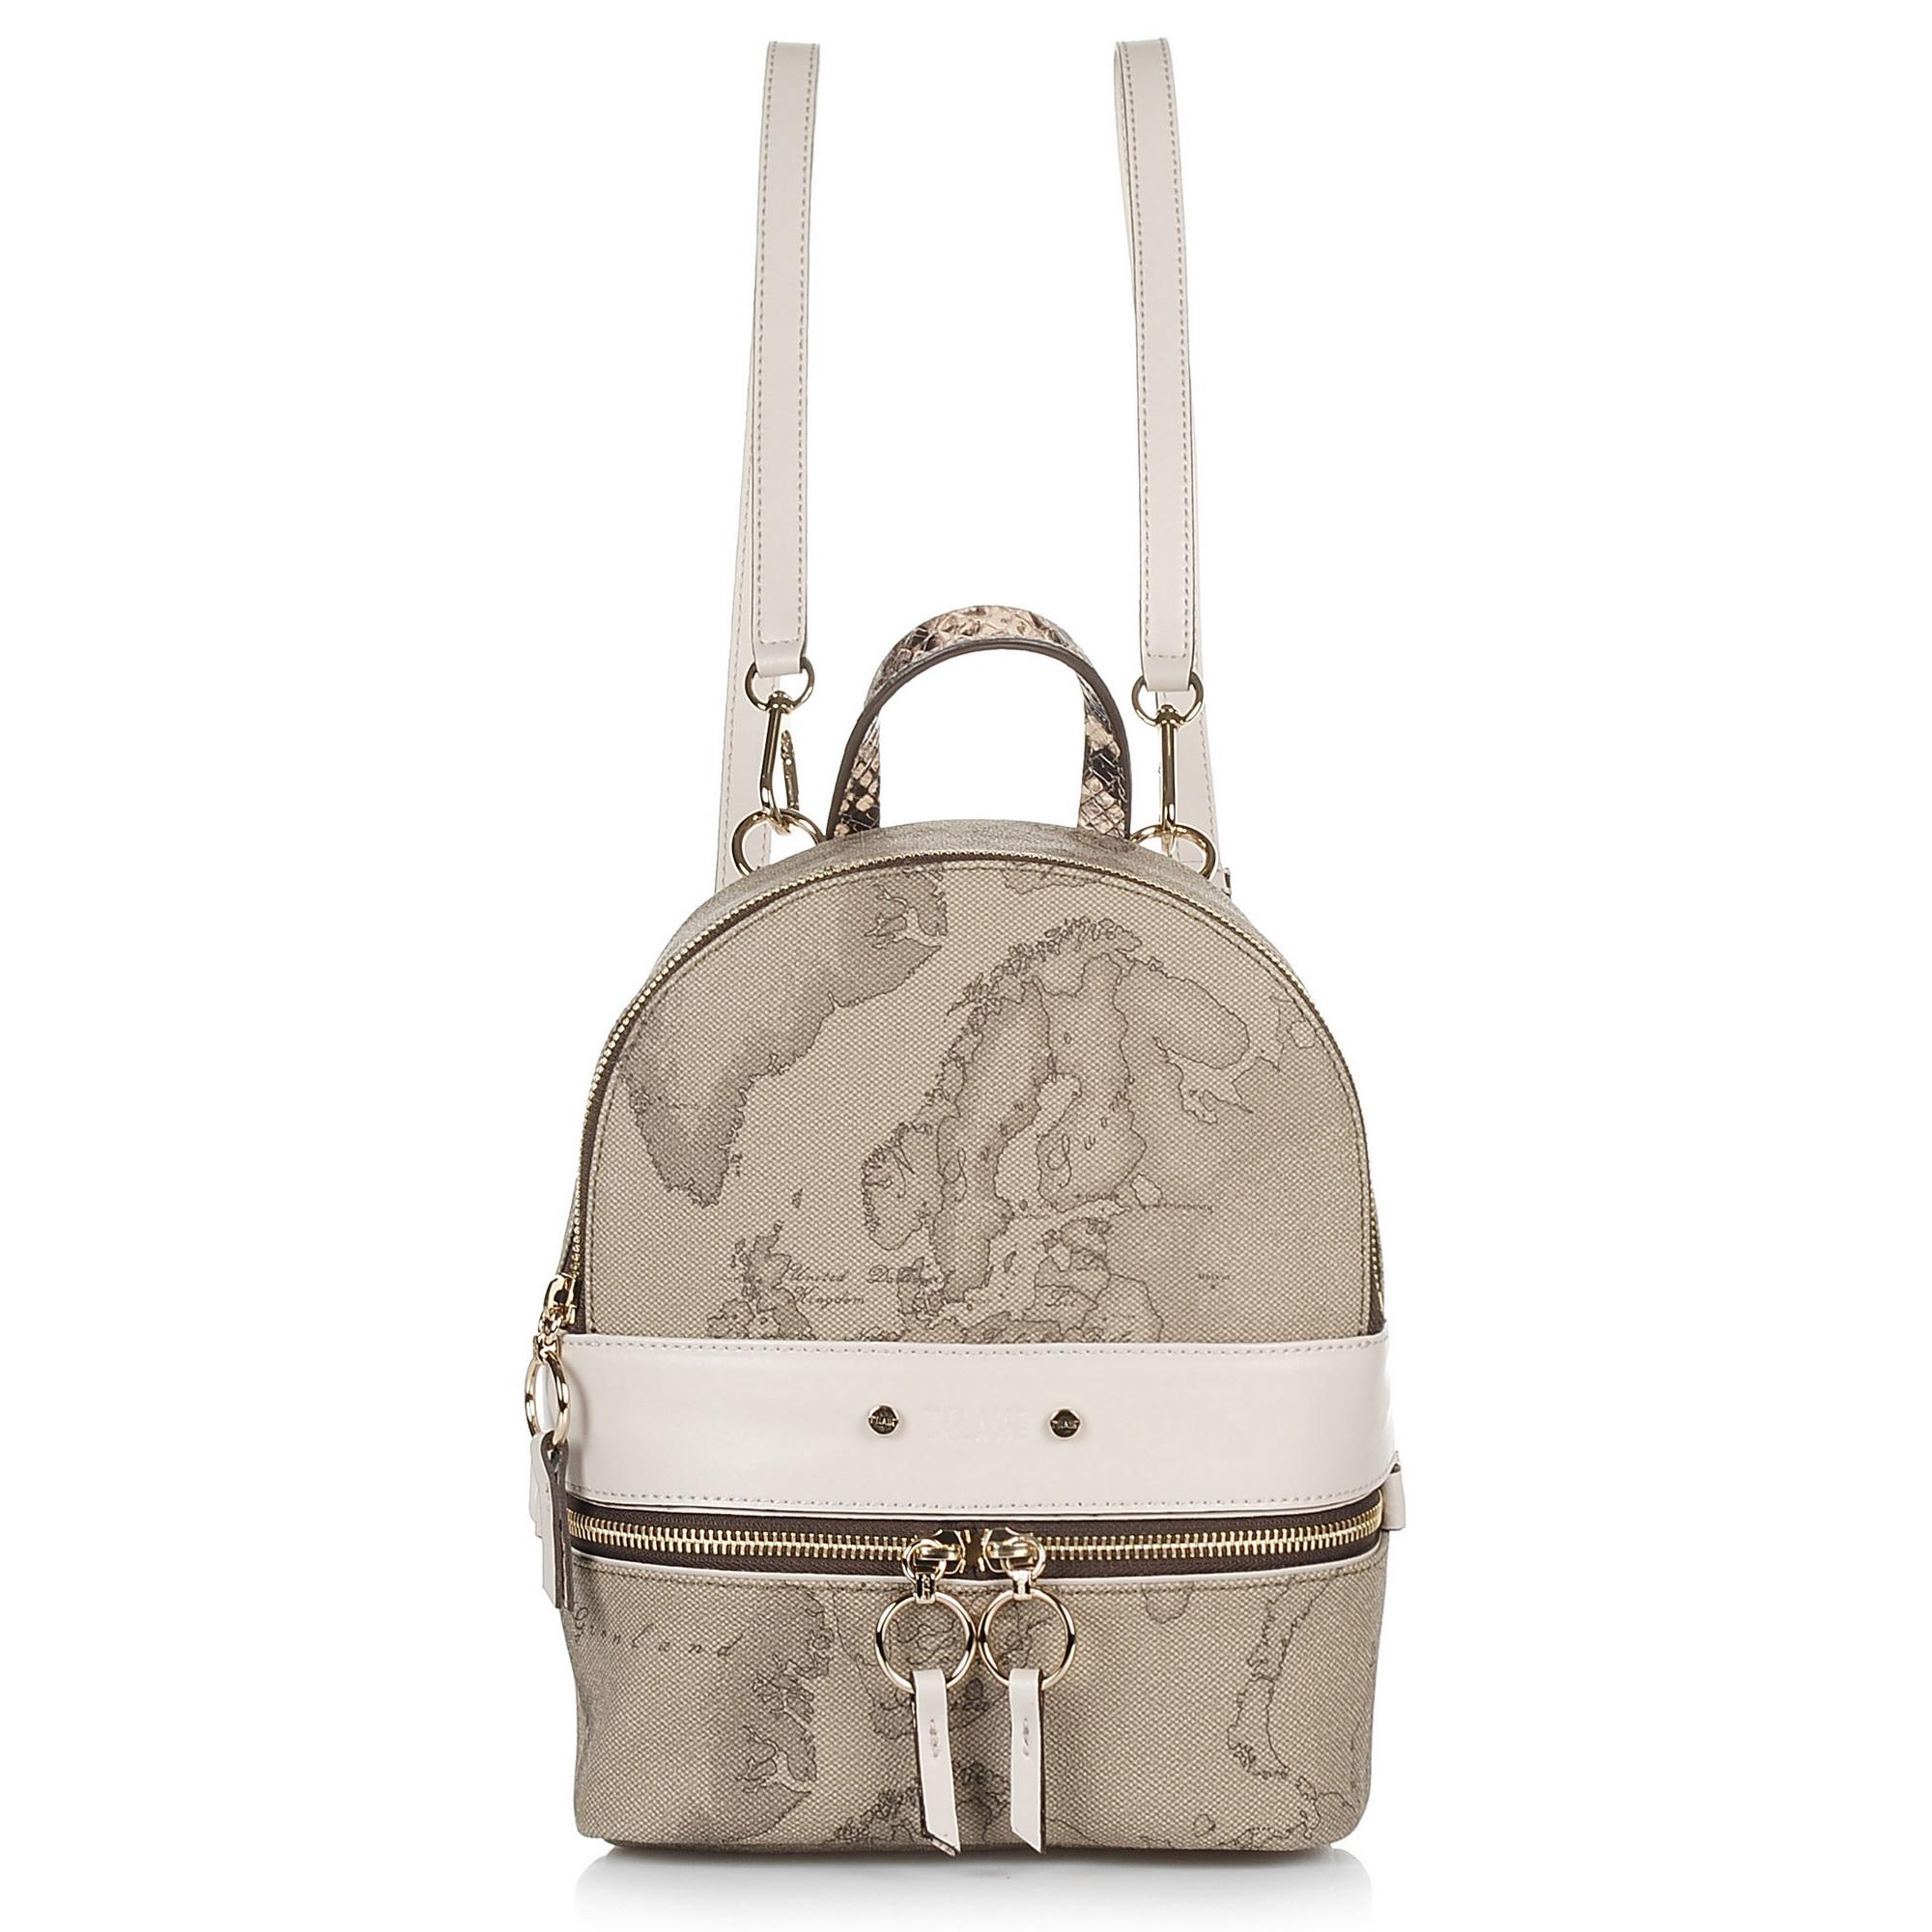 Σακίδιο Πλάτης Alviero Martini 1A Classe LGI25 γυναικα   γυναικεία τσάντα